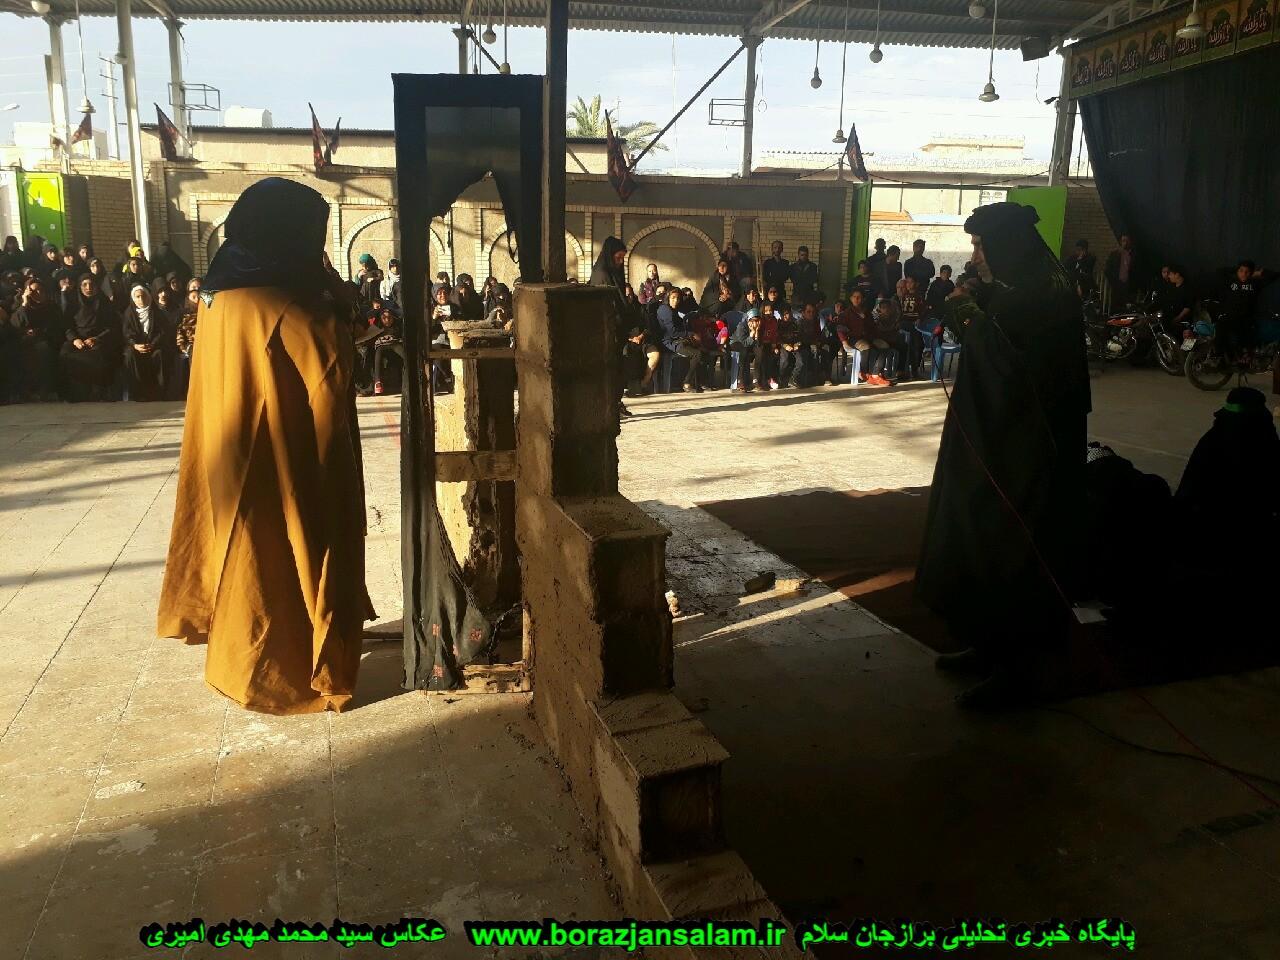 گروه تعزیه شهدای کربلا برازجان شهادت حضرت فاطمه زهرا را برگزار نمود